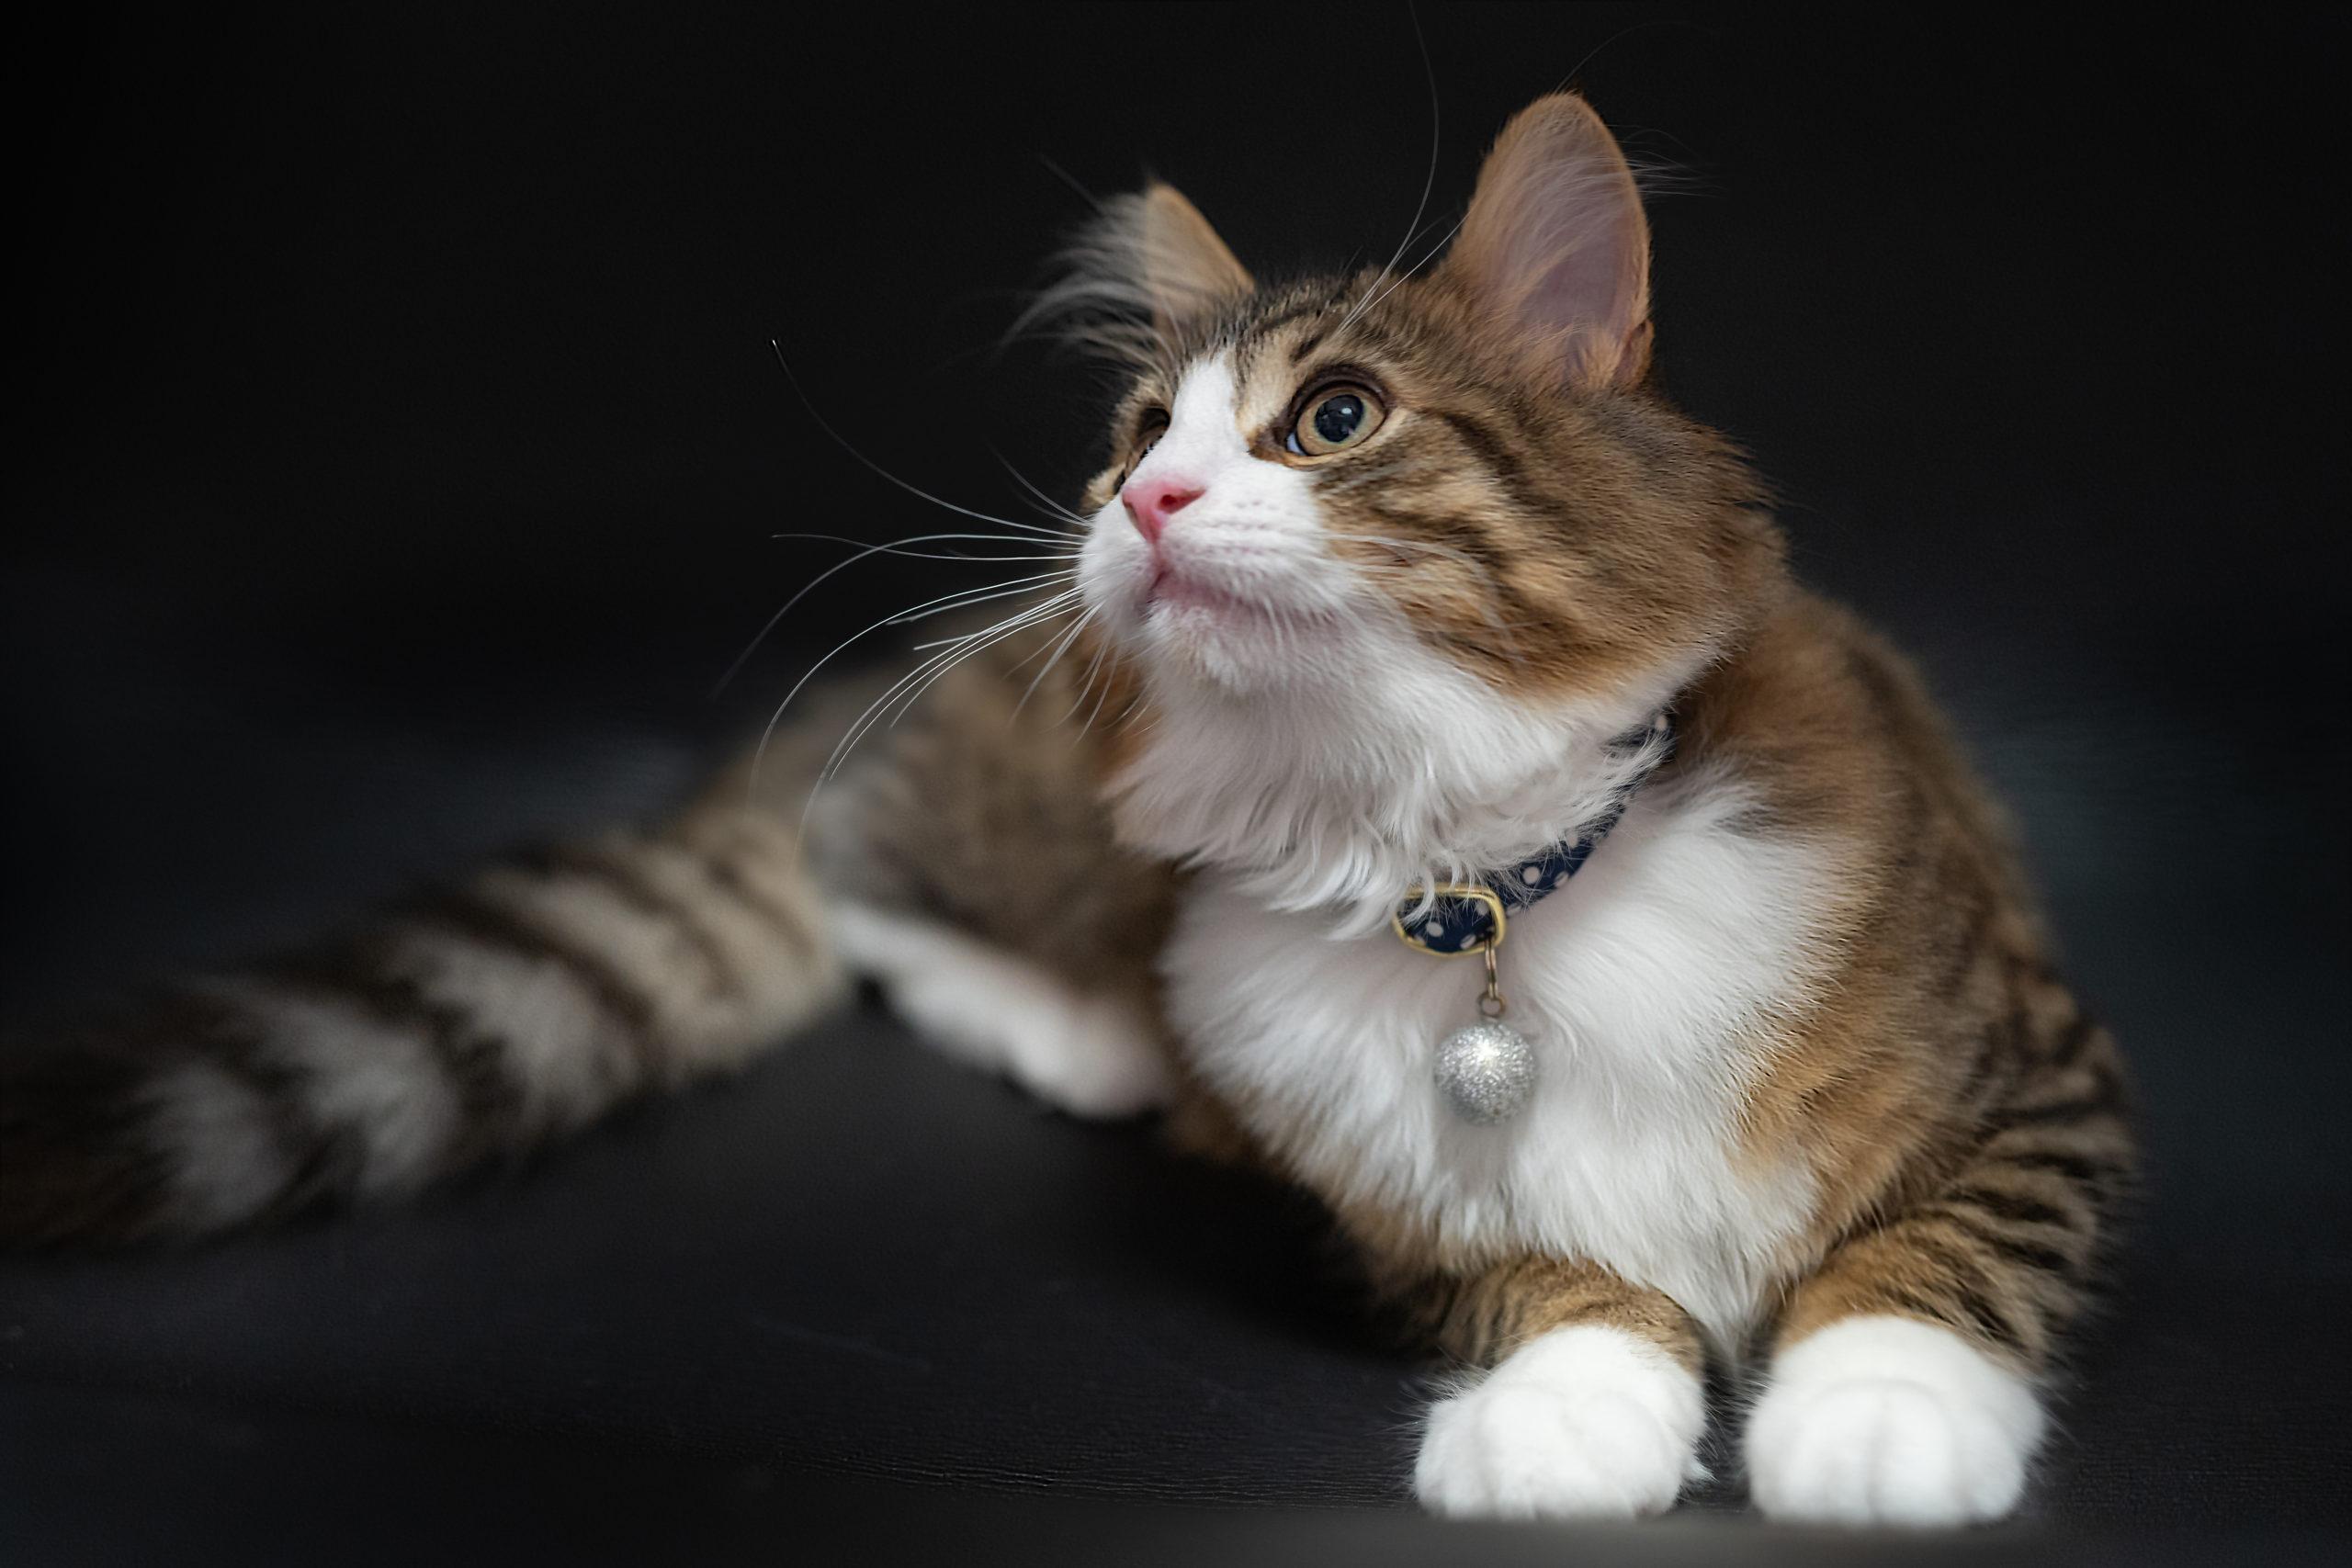 Norwegian forest cat looking up